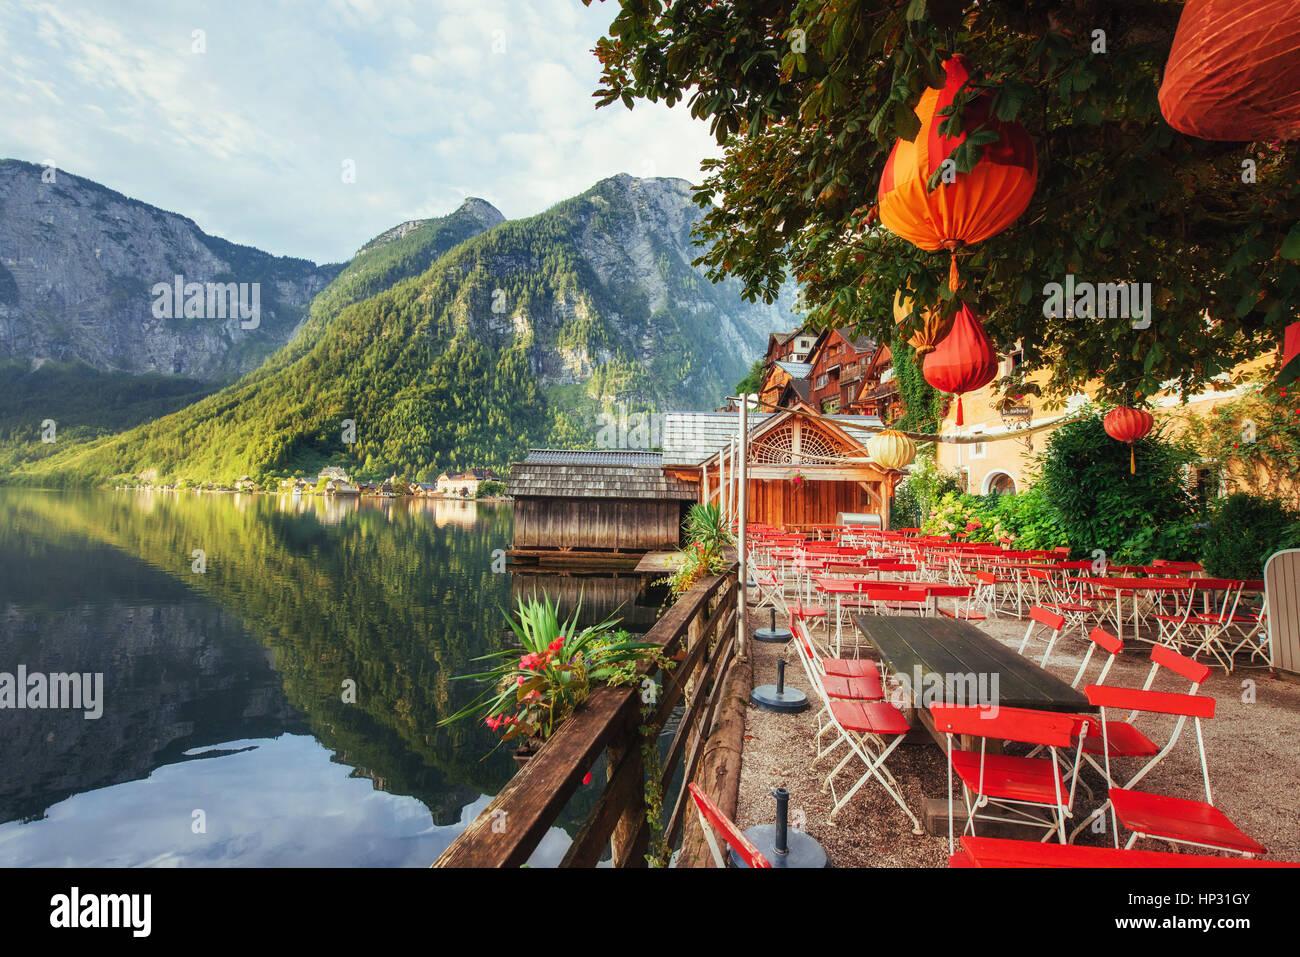 Café d'été sur le bord du lac entre les montagnes. Alpes. Couloirs Photo Stock